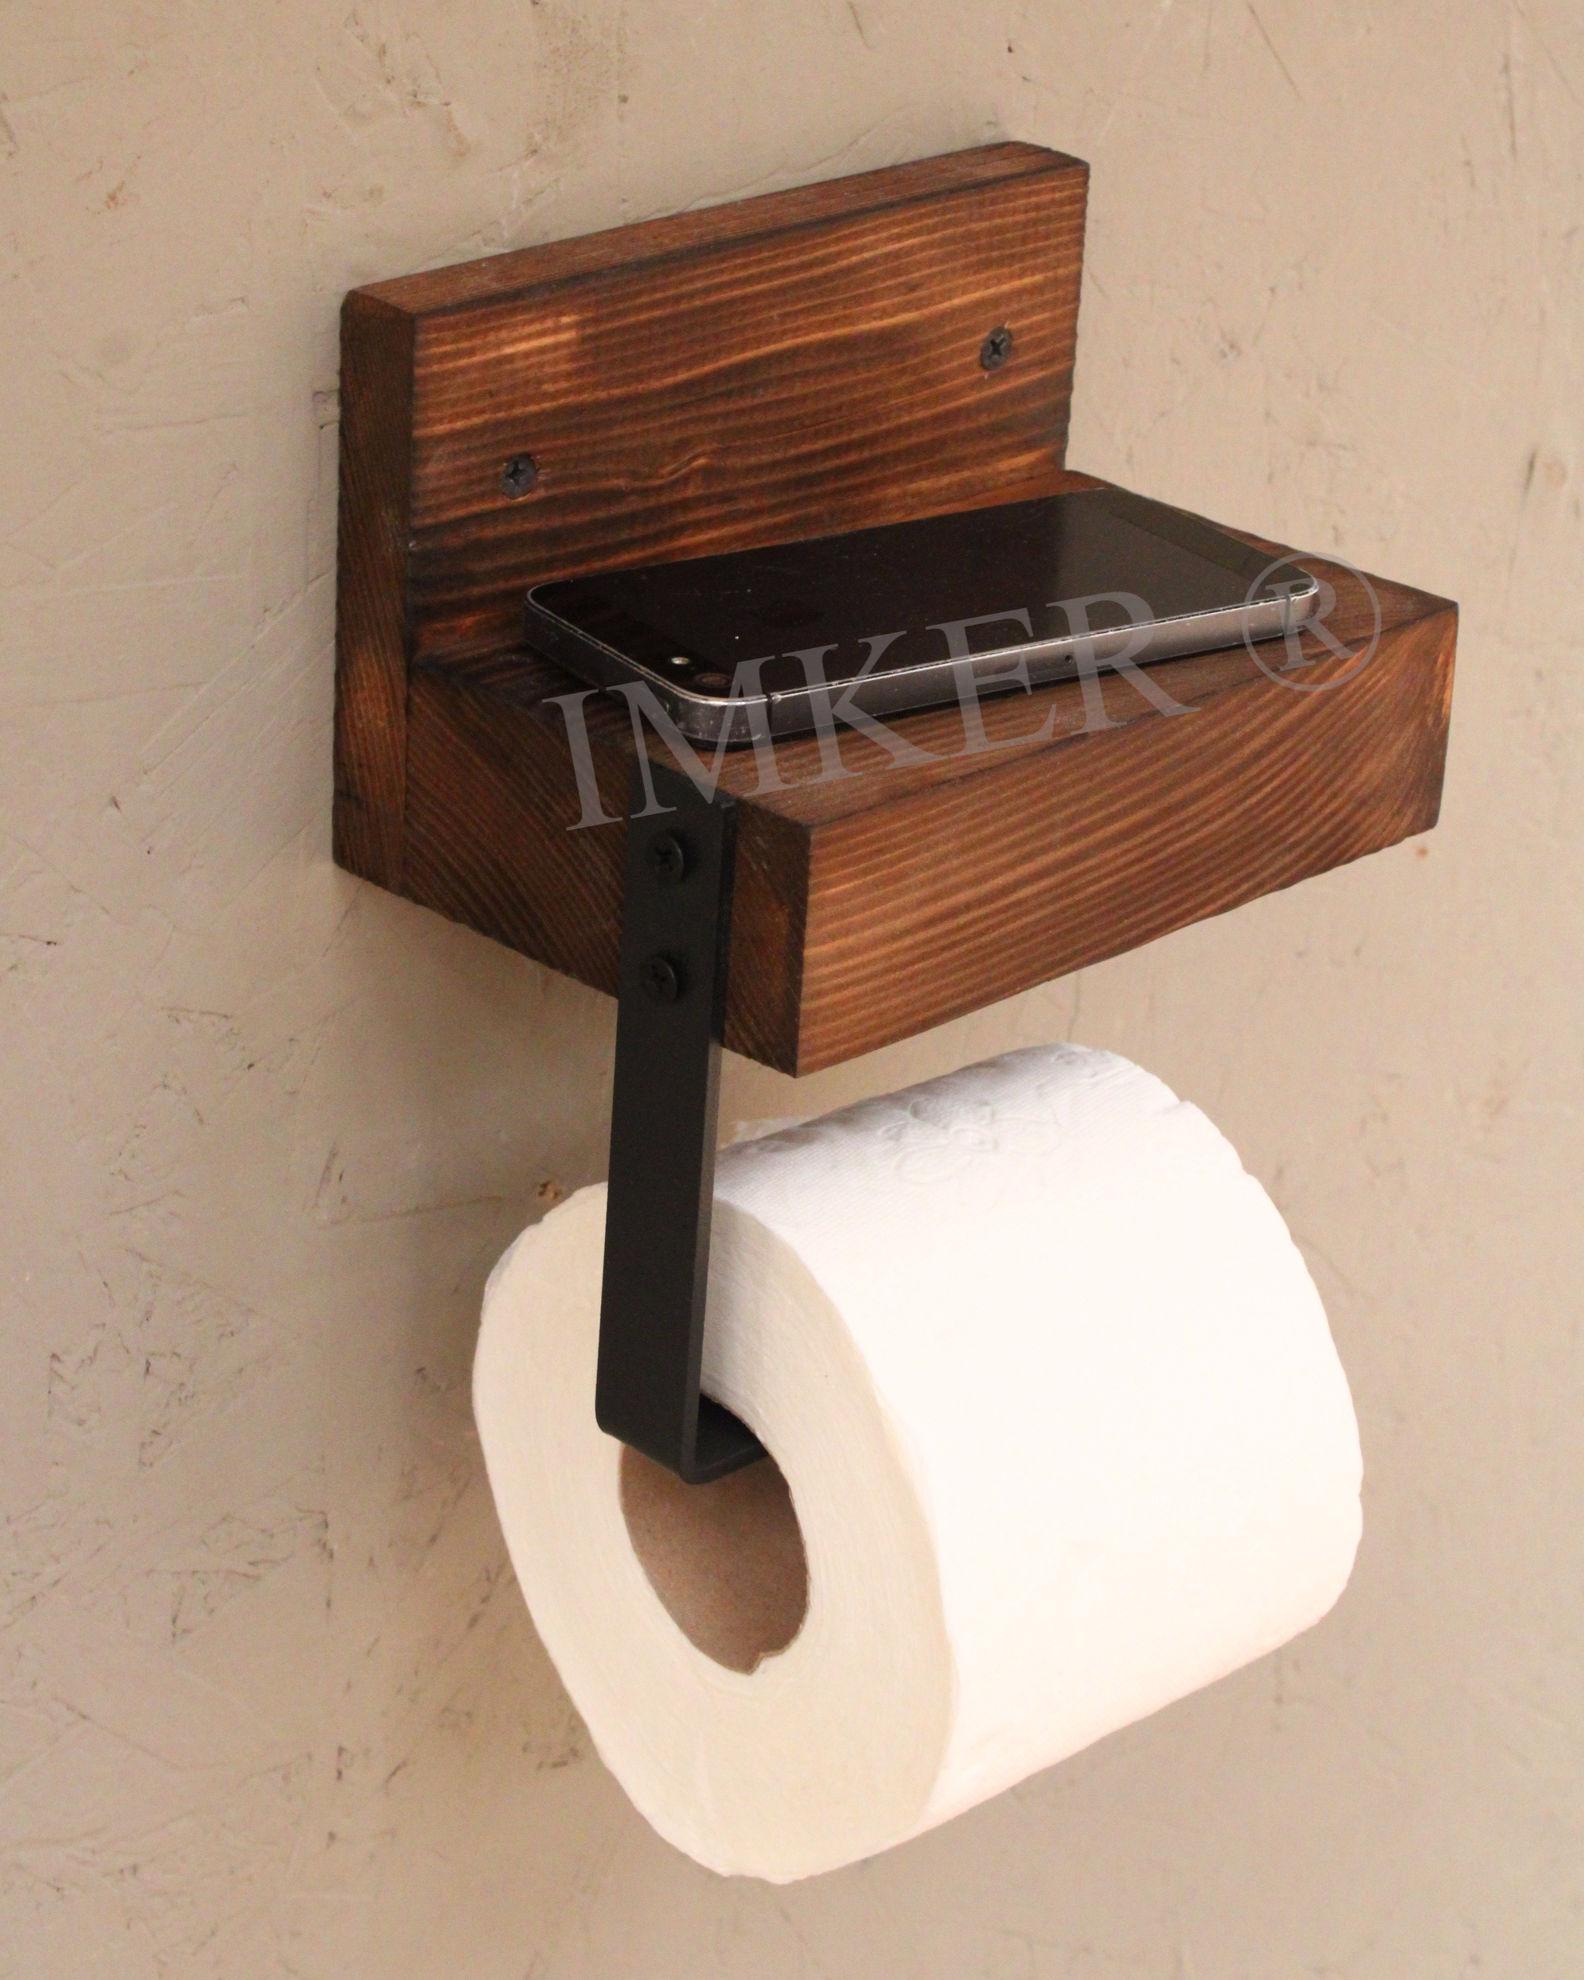 imker ahşap wc kağıtlık tuvalet kağıtlığı tuvalet kağıdı askısı metal aparatlı telefonluk banyo duvar rafı 5334468 resmi